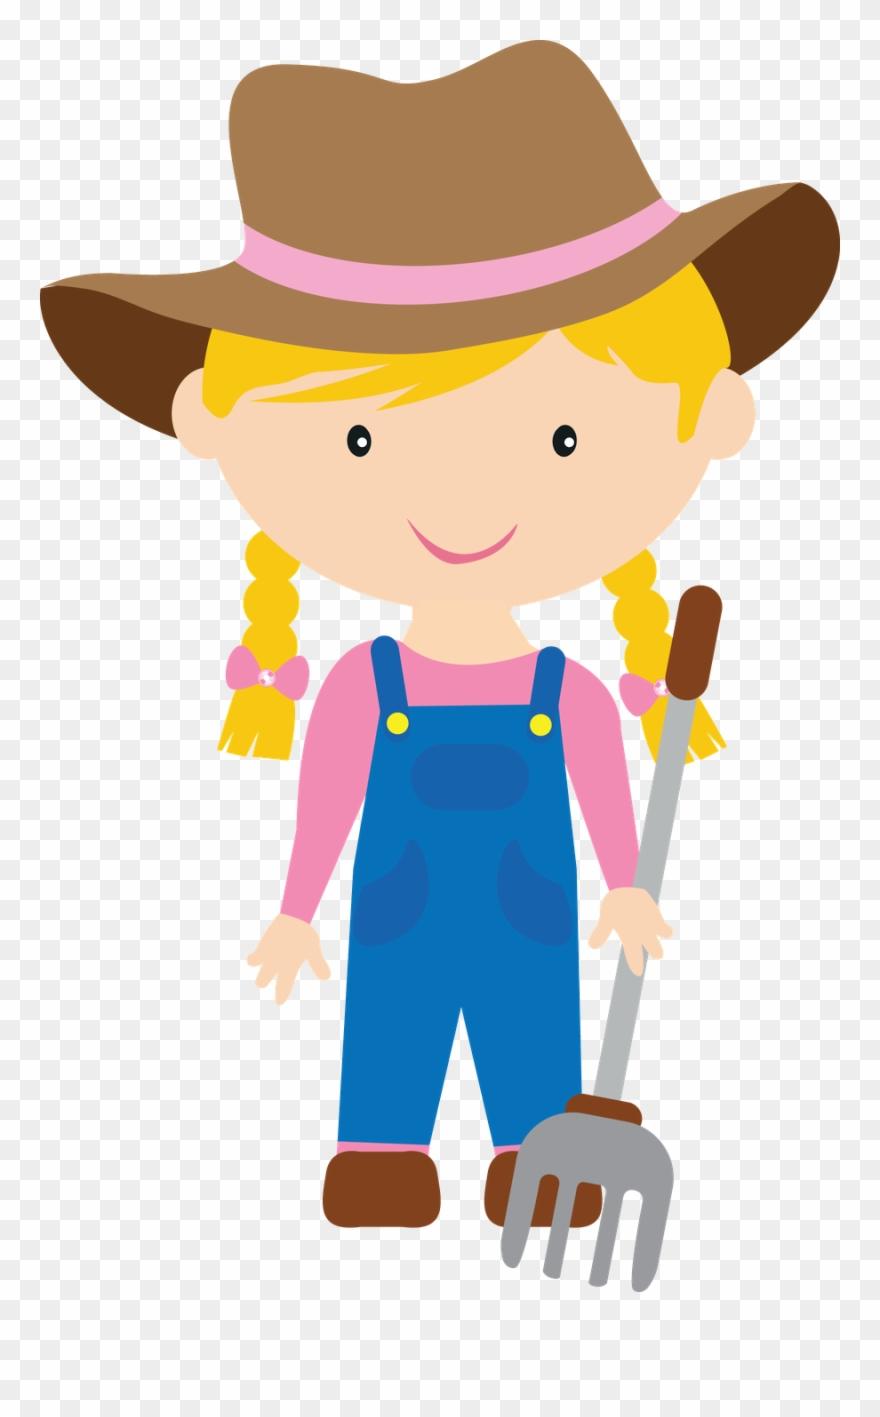 Farmers clipart girl farmer. Picture free download fazenda